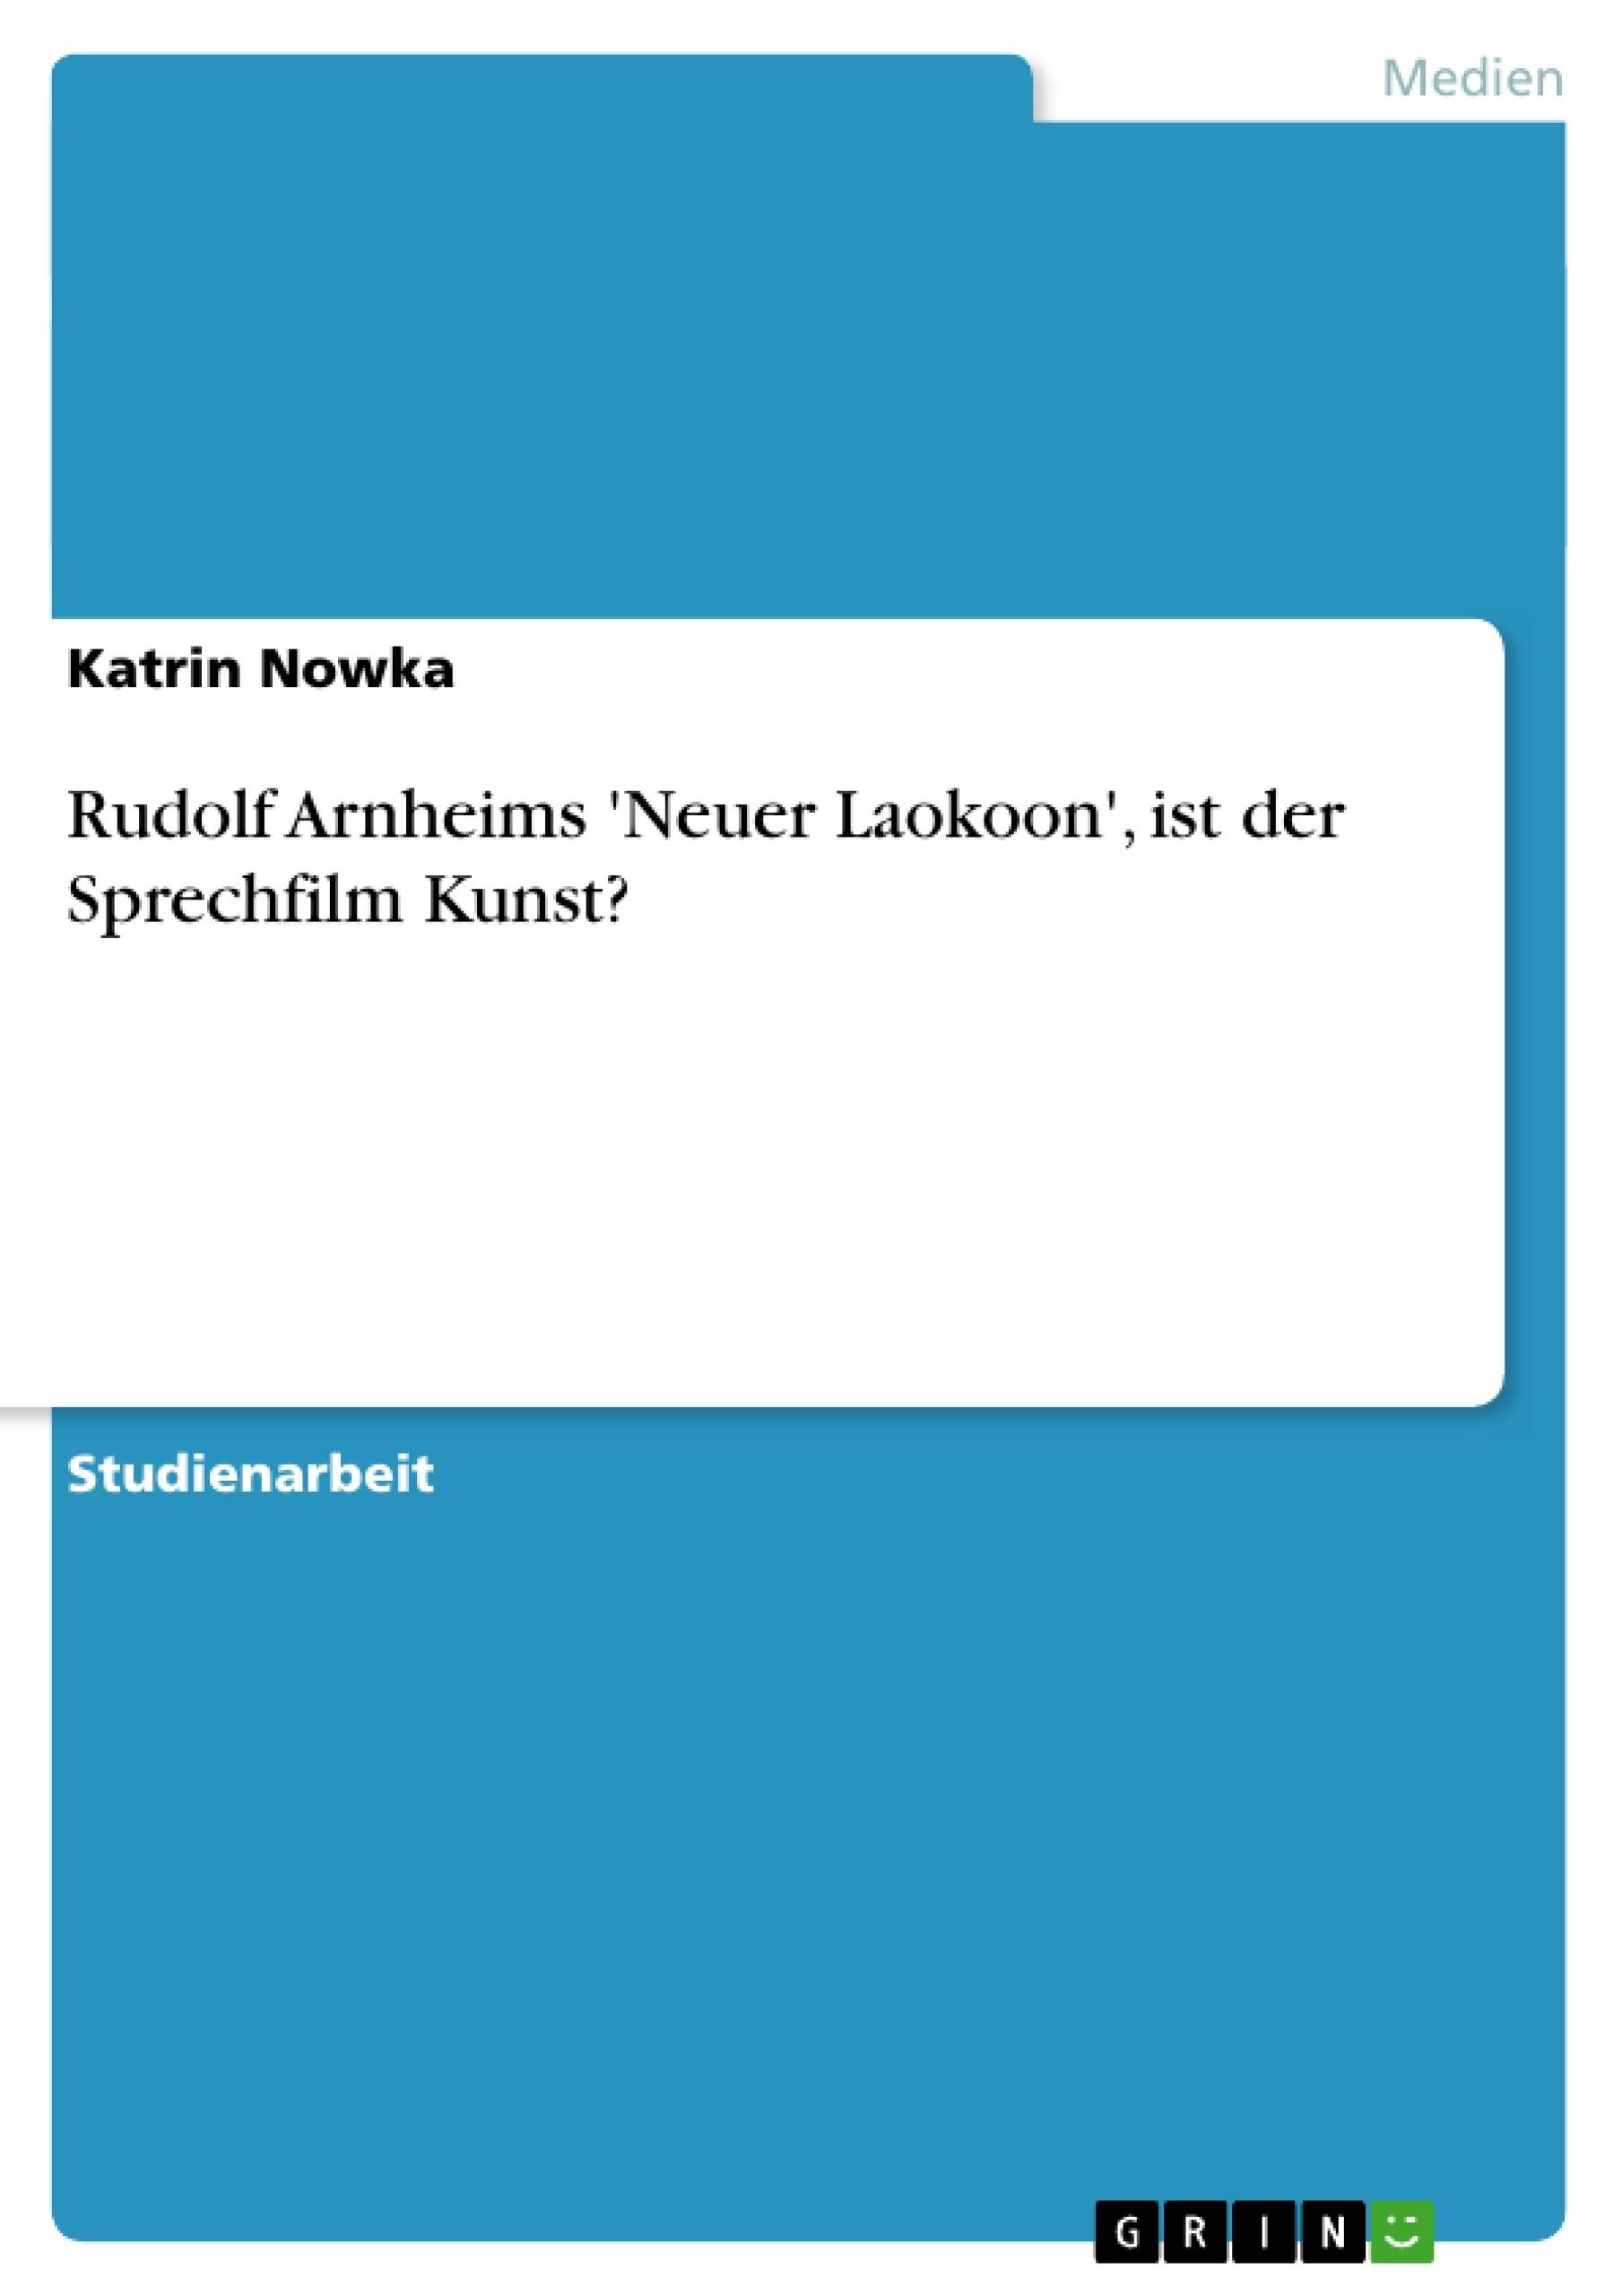 Titel: Rudolf Arnheims 'Neuer Laokoon', ist der Sprechfilm Kunst?